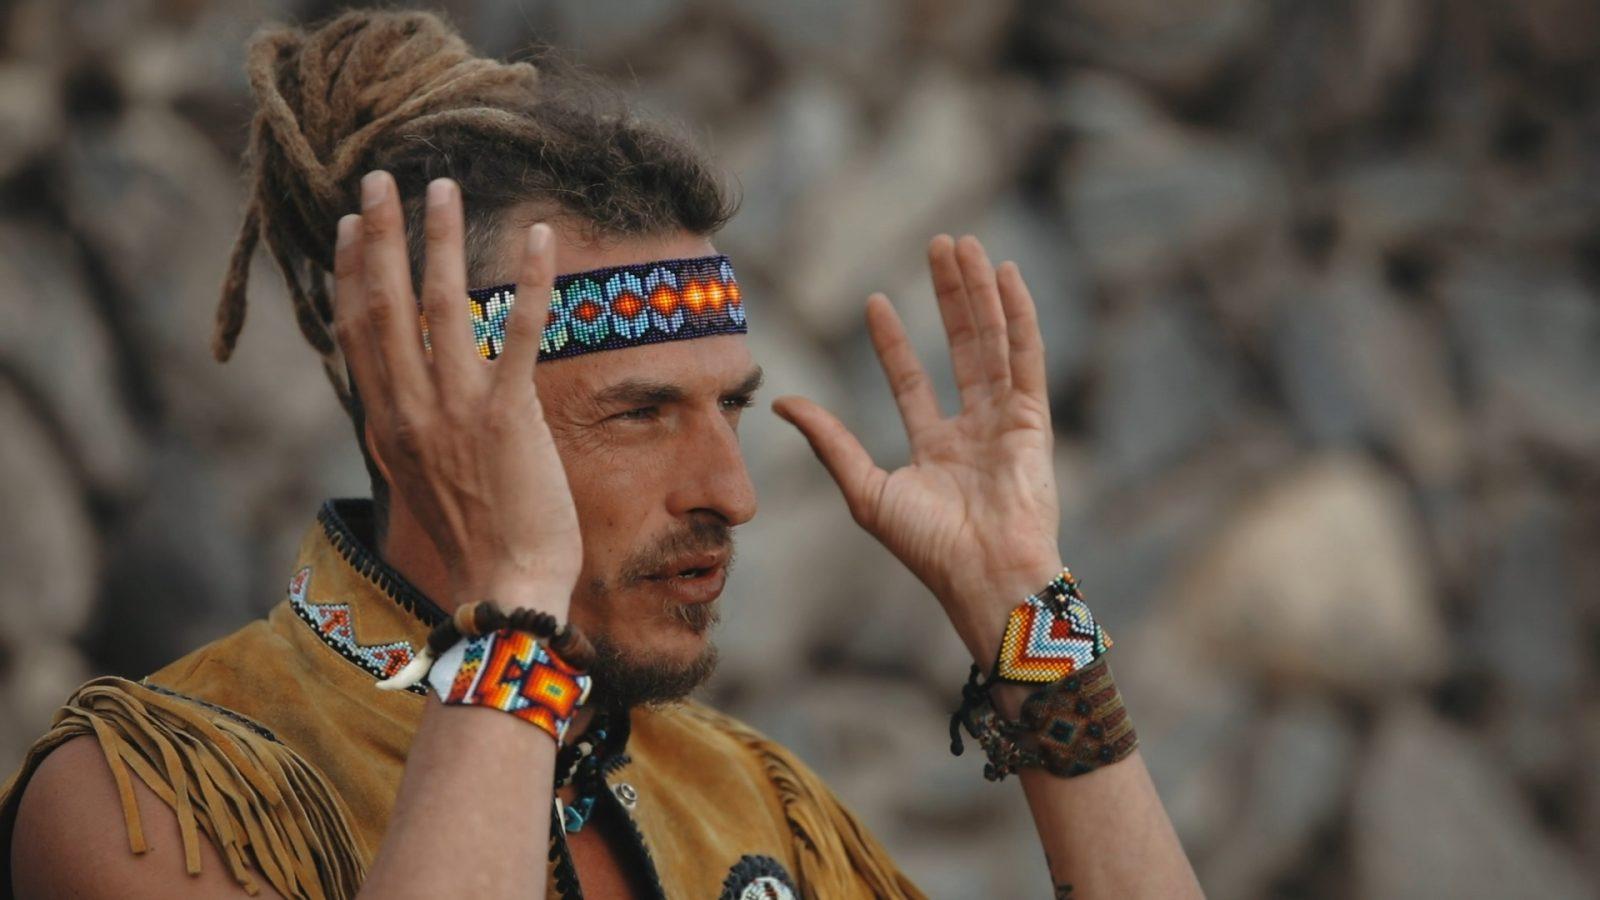 Inti Wasi @ Twin Fin gefilmd en geïnterviewd door valerie spanjers tijdens een door hem geleide Cacao Ceremonie